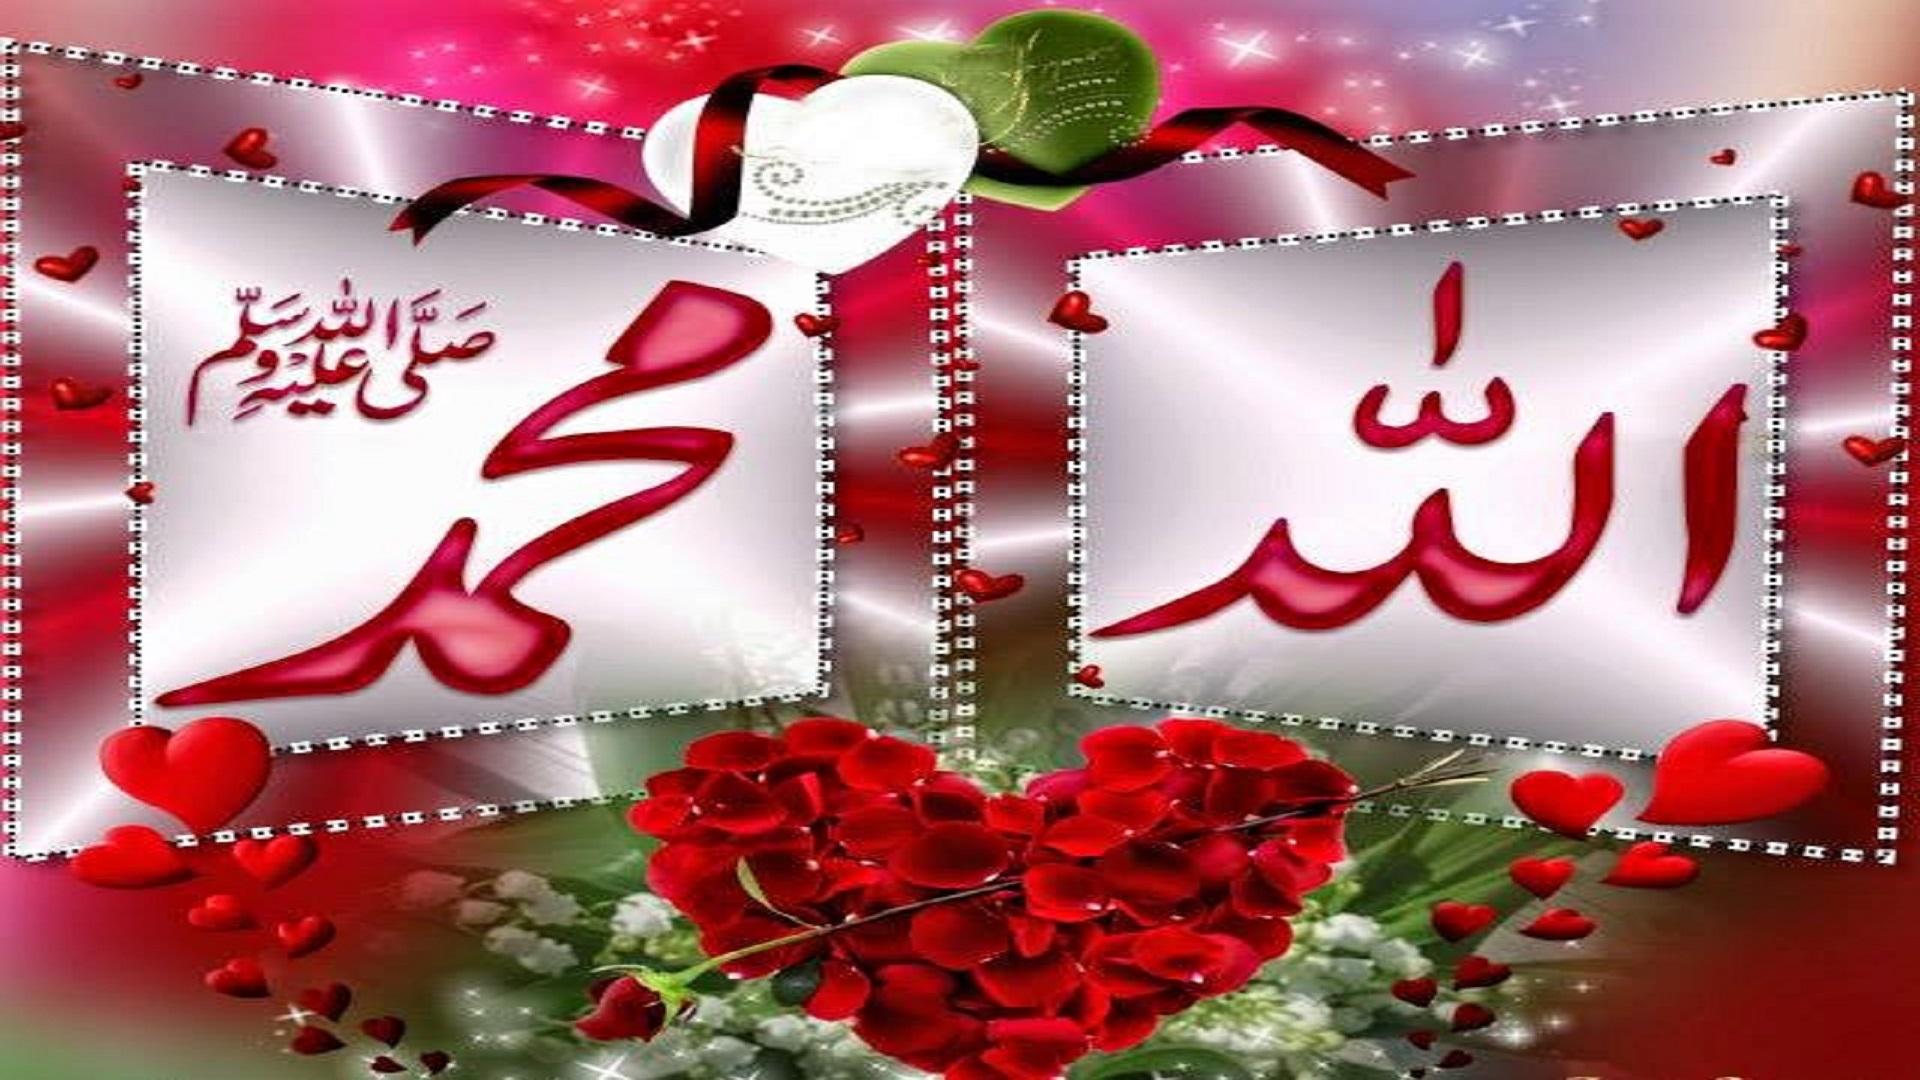 Islamic Free Hd Wallpapers For Desktop Hd Wallpaper